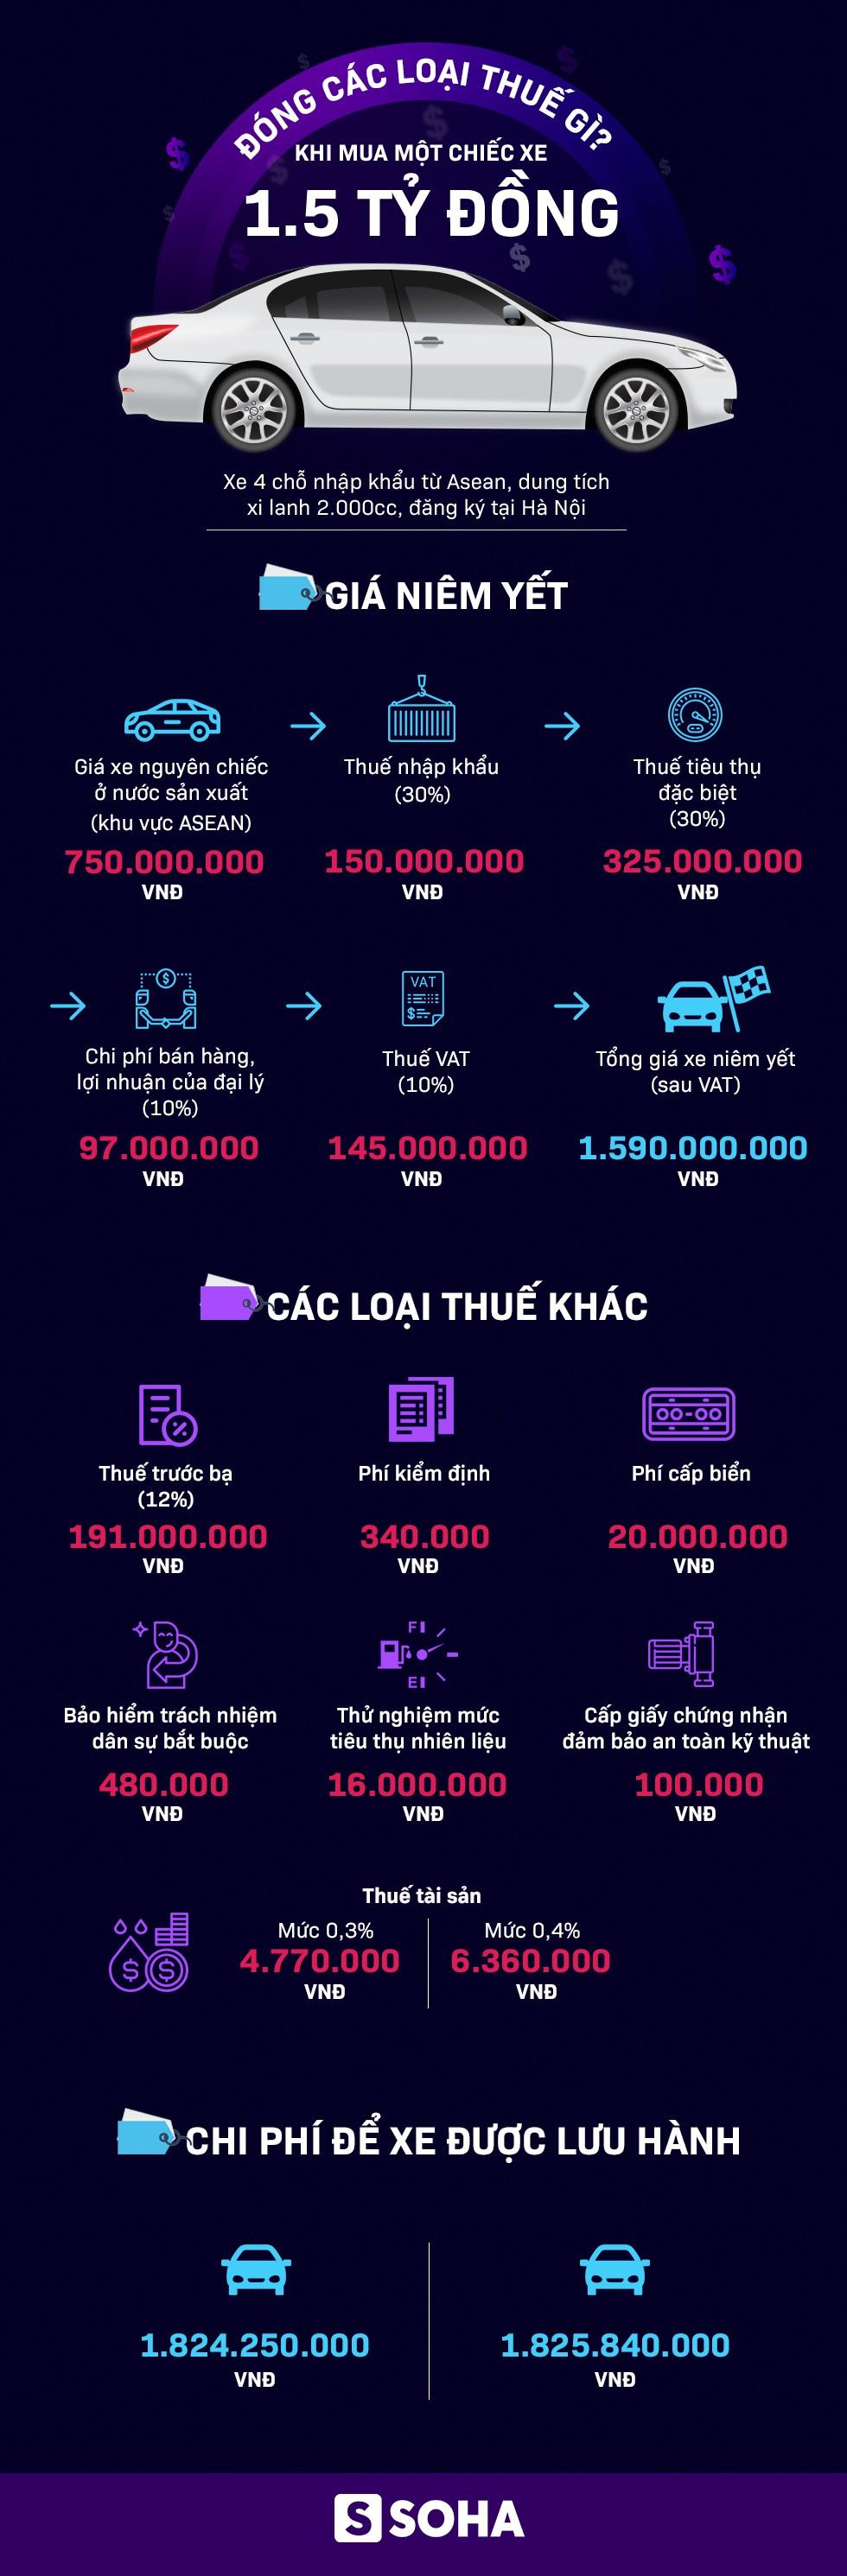 [Infographic] Thêm thuế tài sản, xe có giá sản xuất 750 triệu sẽ bị đội lên 1,82 tỷ để được chạy ở VN? - Ảnh 1.